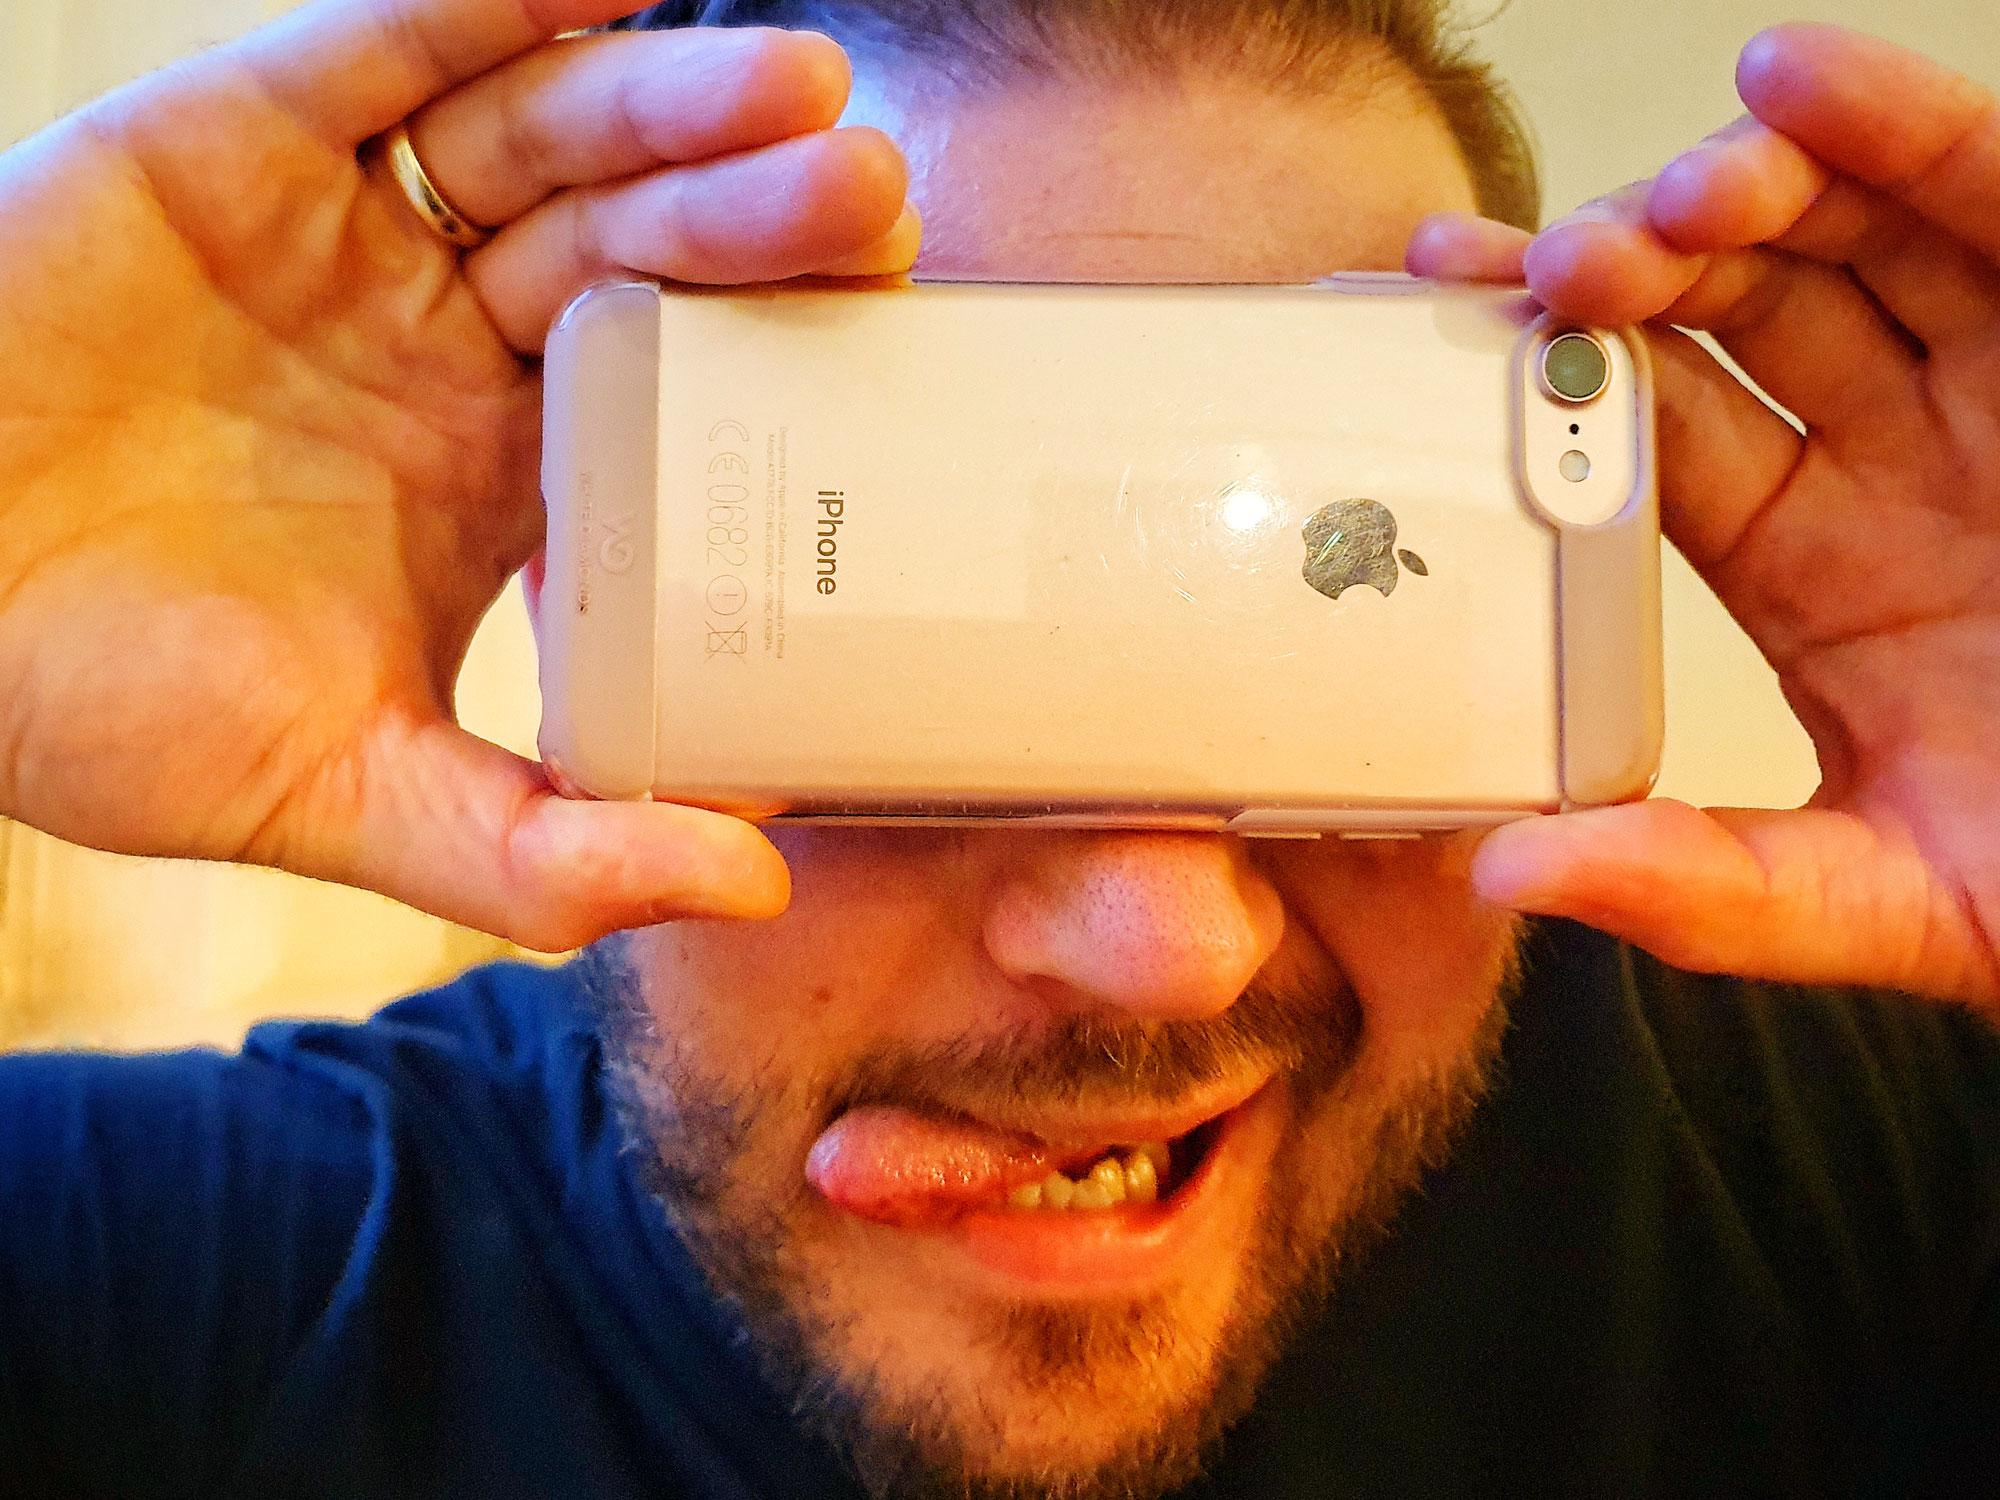 Podcast Folge 40 Fotografieren mit dem Smartphone - 5 Tipps für jedermann